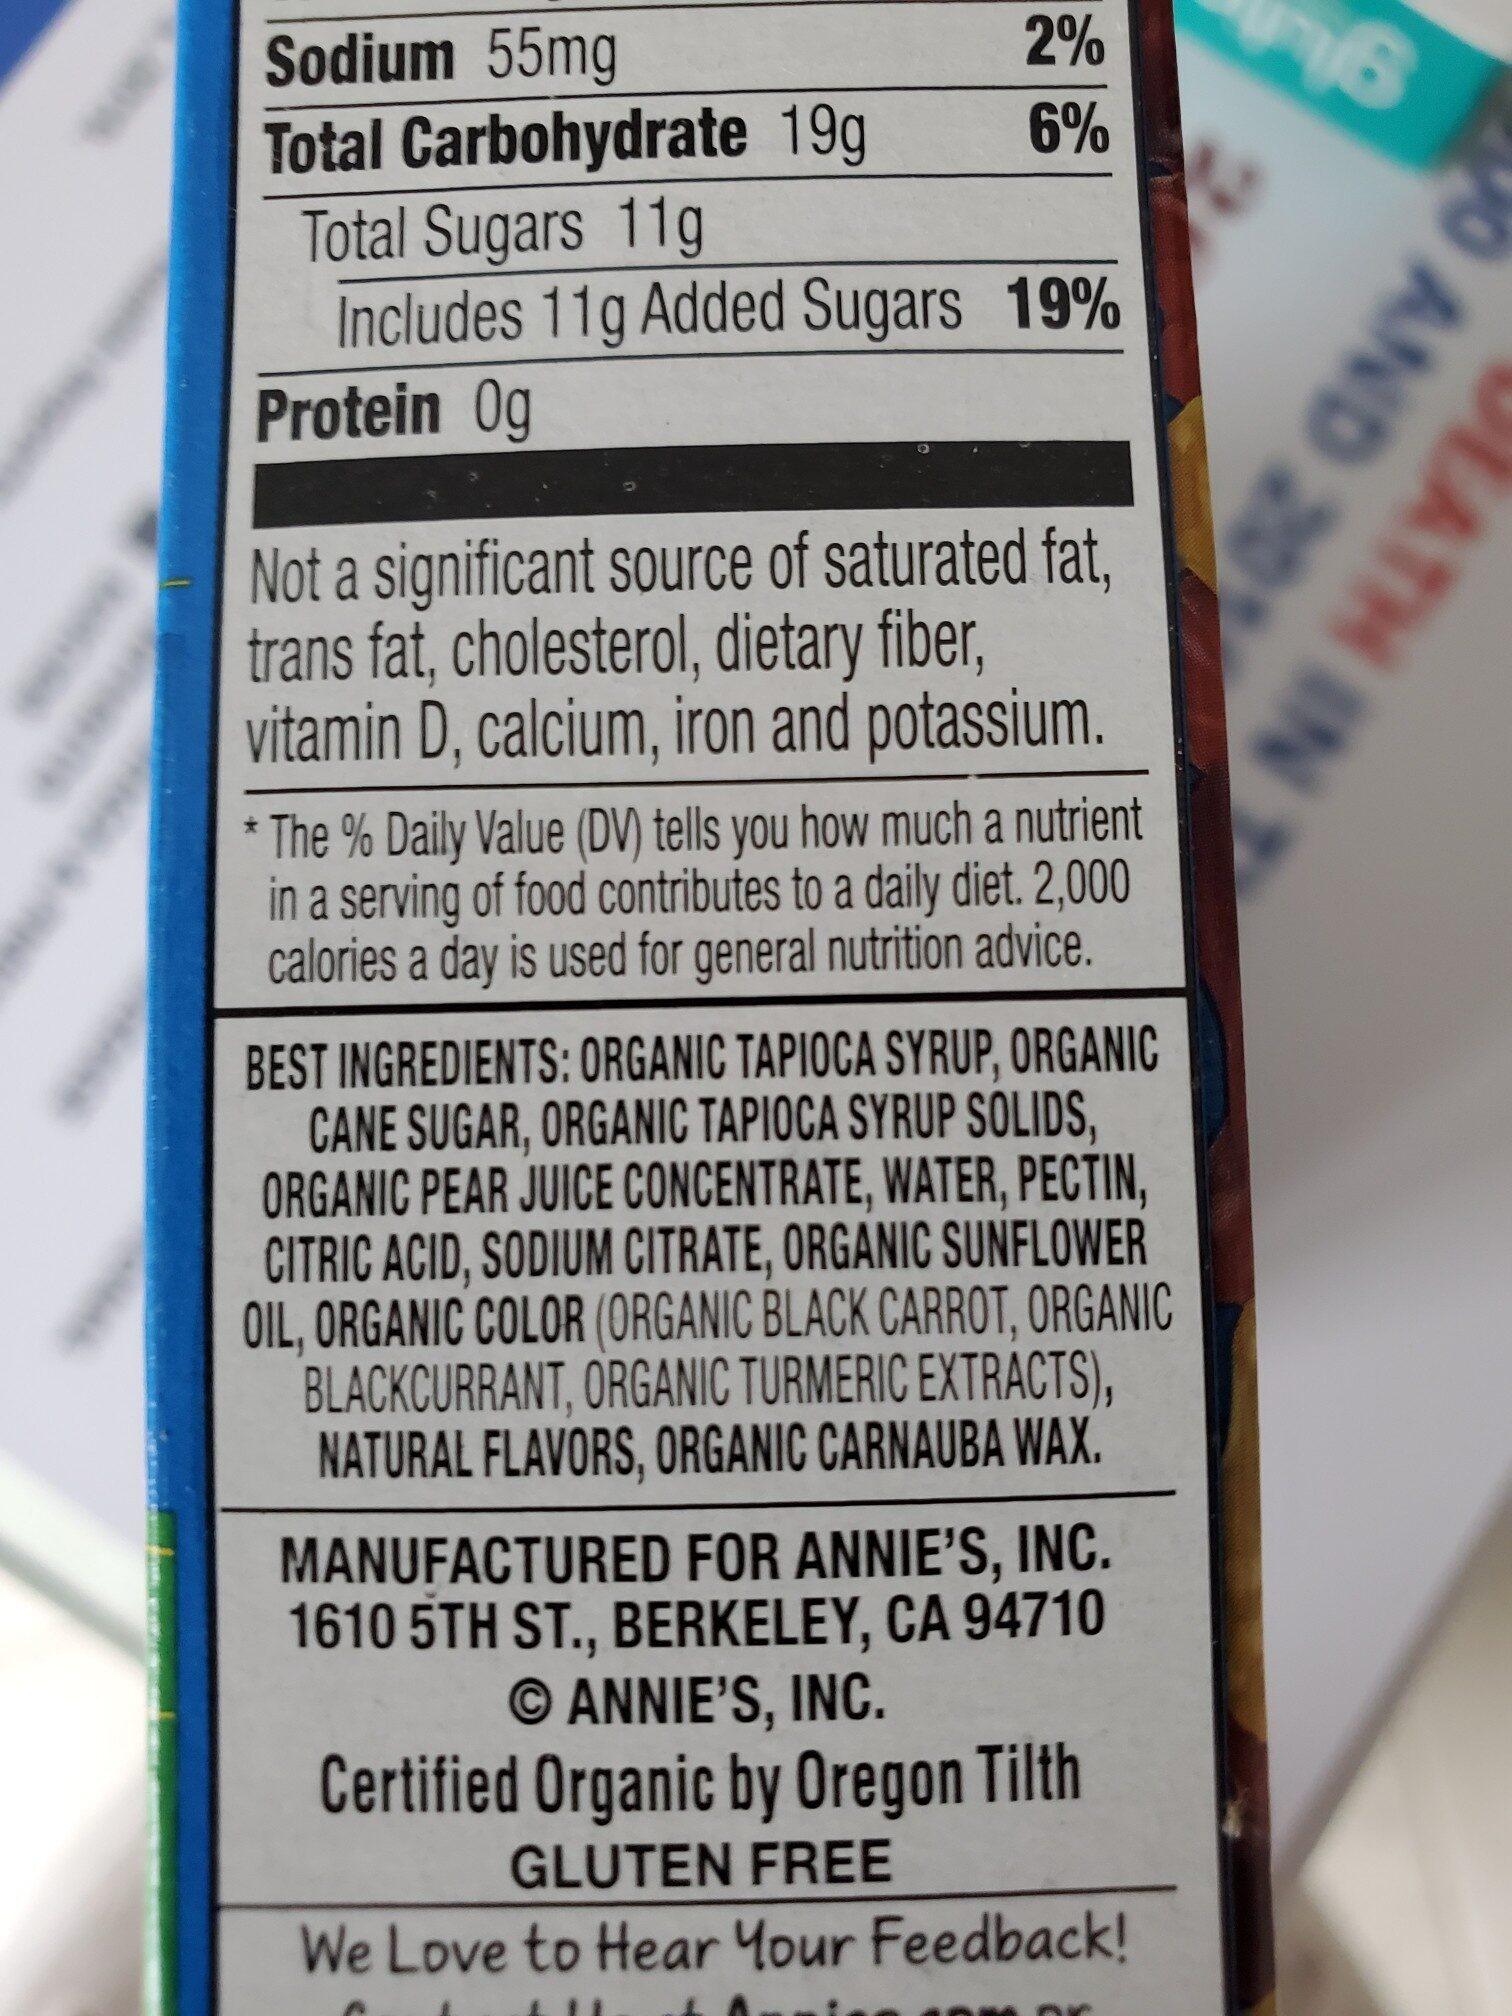 Annies Organic Bunny Fruit Snacks - Ingredients